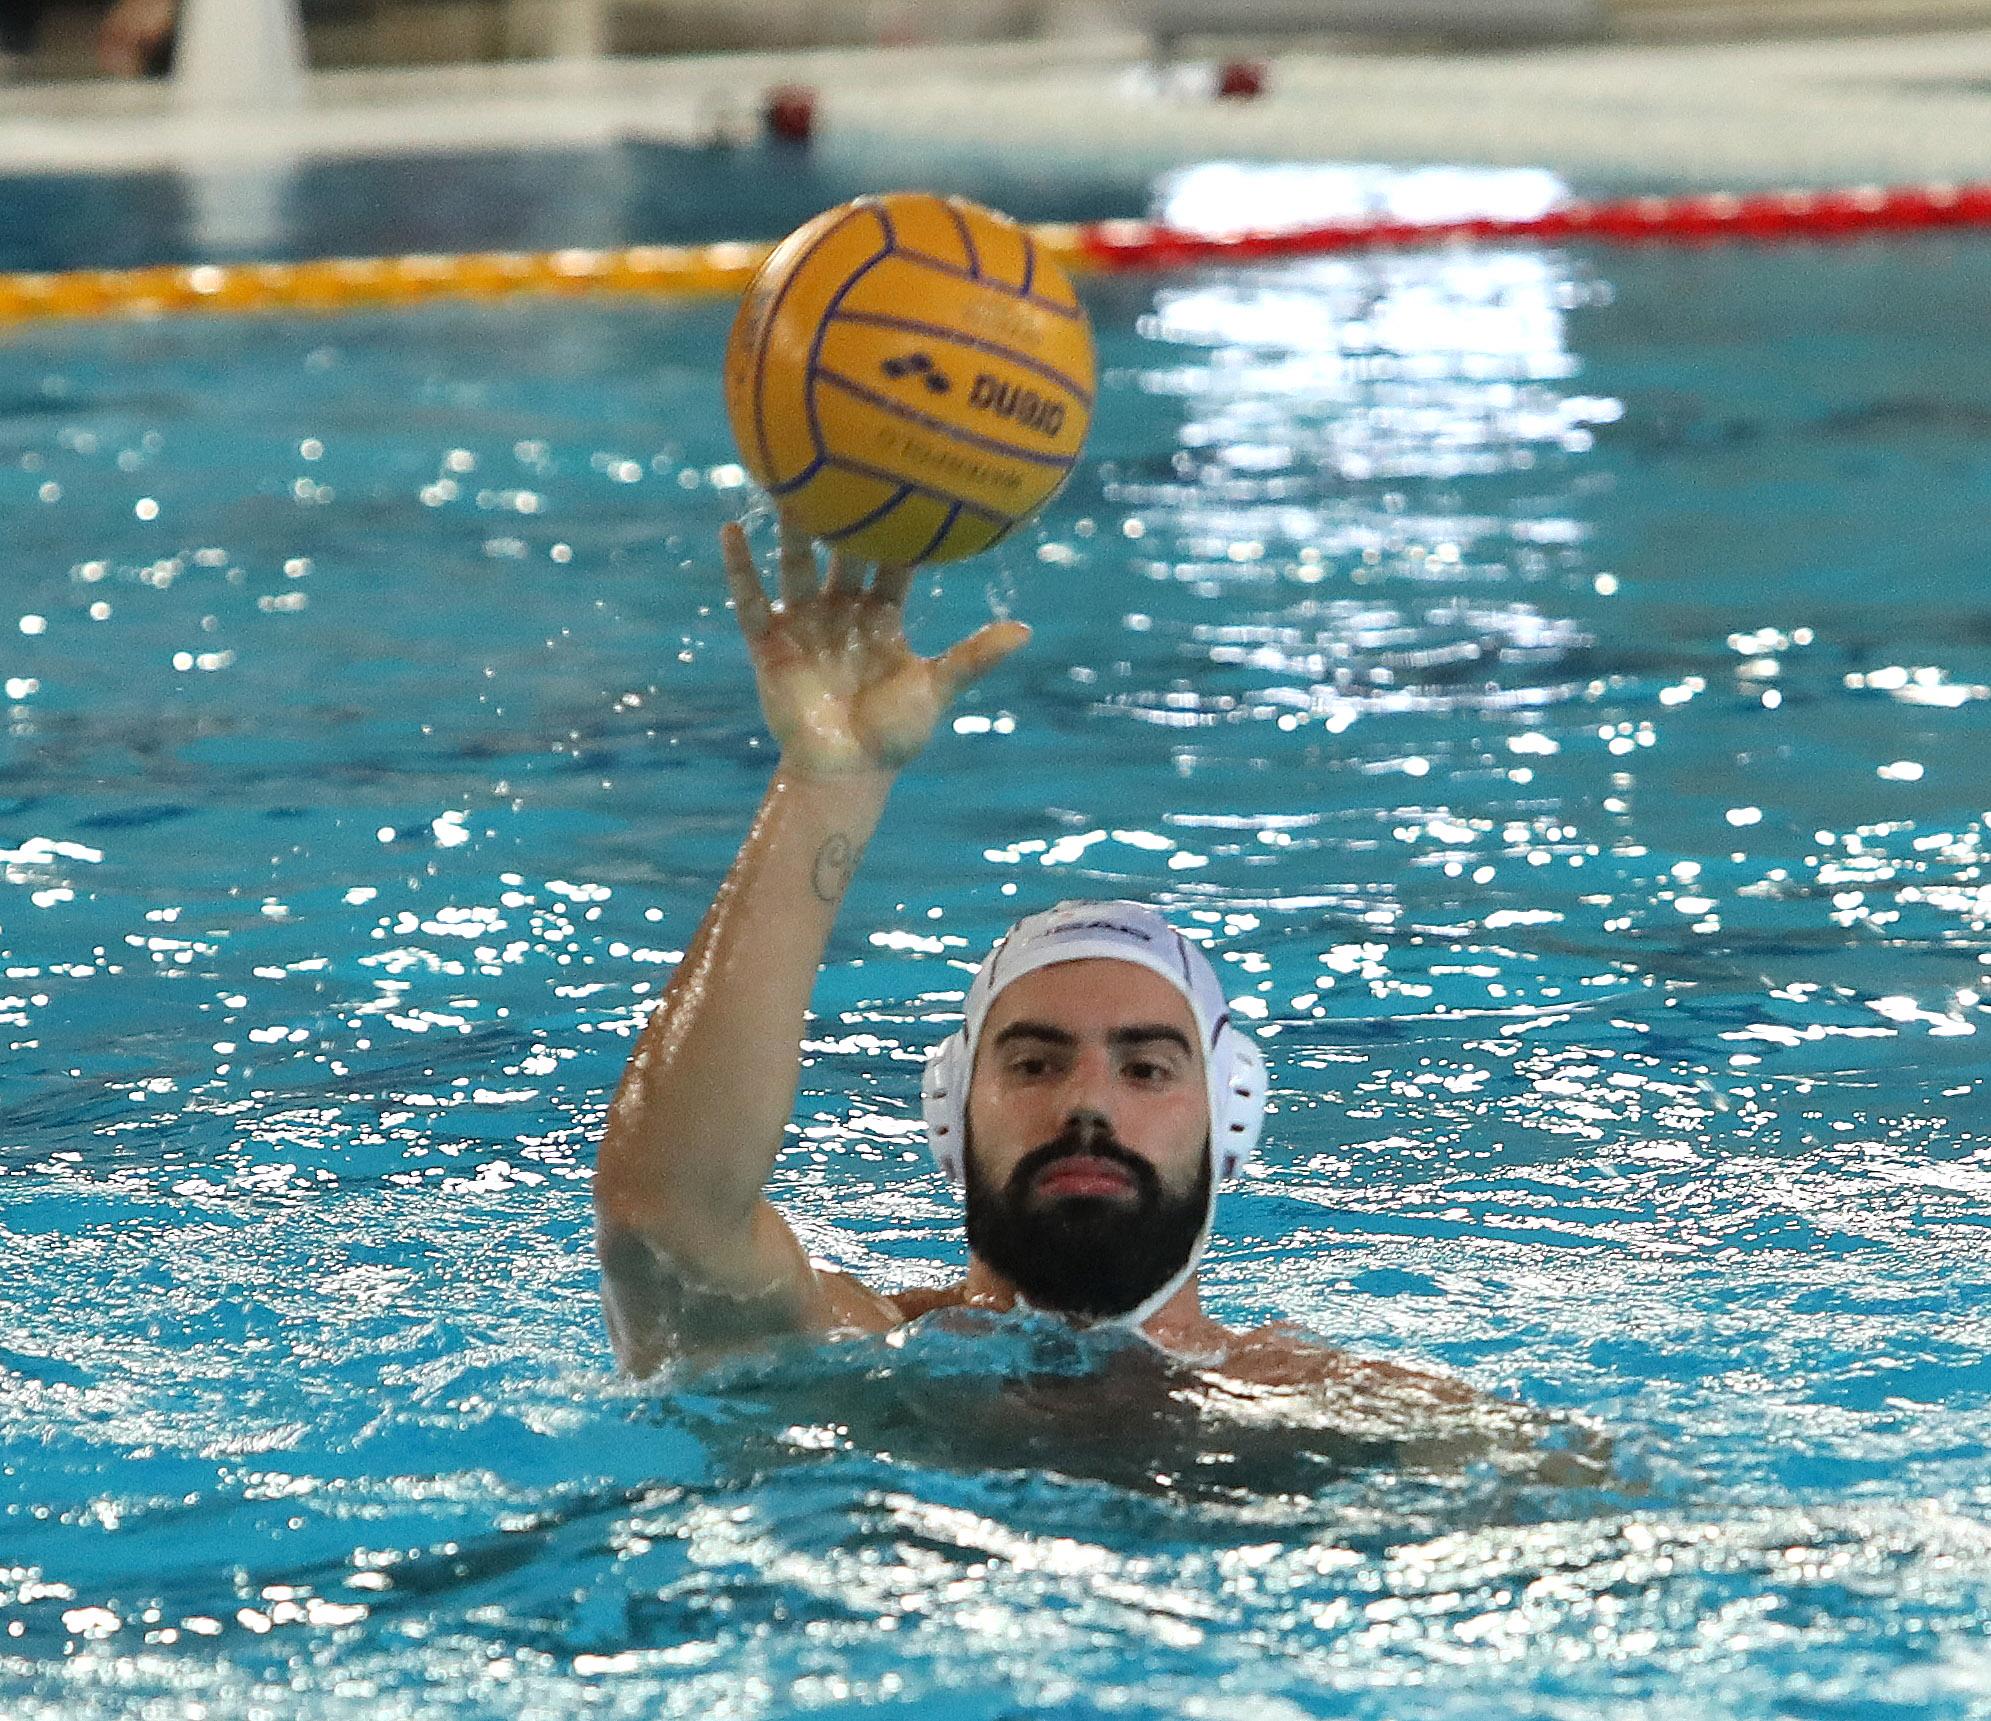 """Con il Posillipo non si passa. Nella piscina di Casoria Pallanuoto Trieste sconfitta piuttosto nettamente (13-7) dalla compagine partenoepa. L'allenatore Bettini: """"Buon avvio, poi abbiamo sbagliato tantissimo"""""""